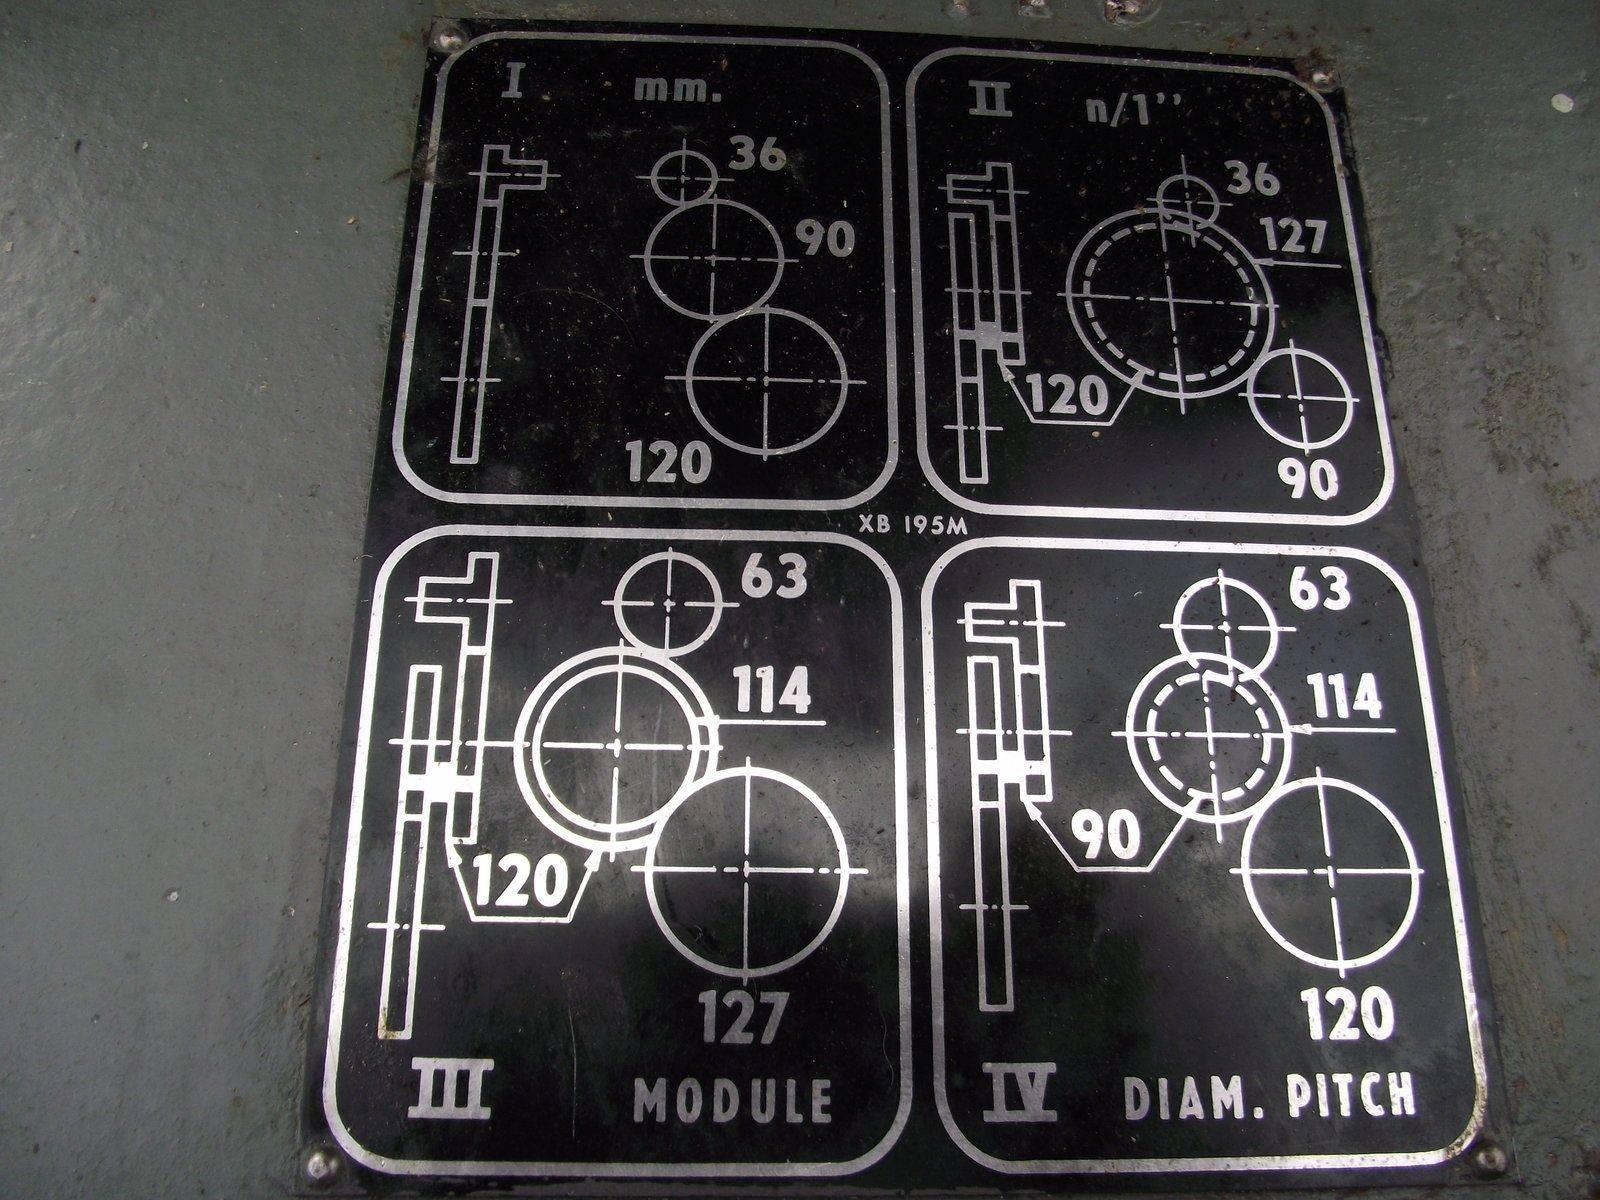 DSCF7379.JPG